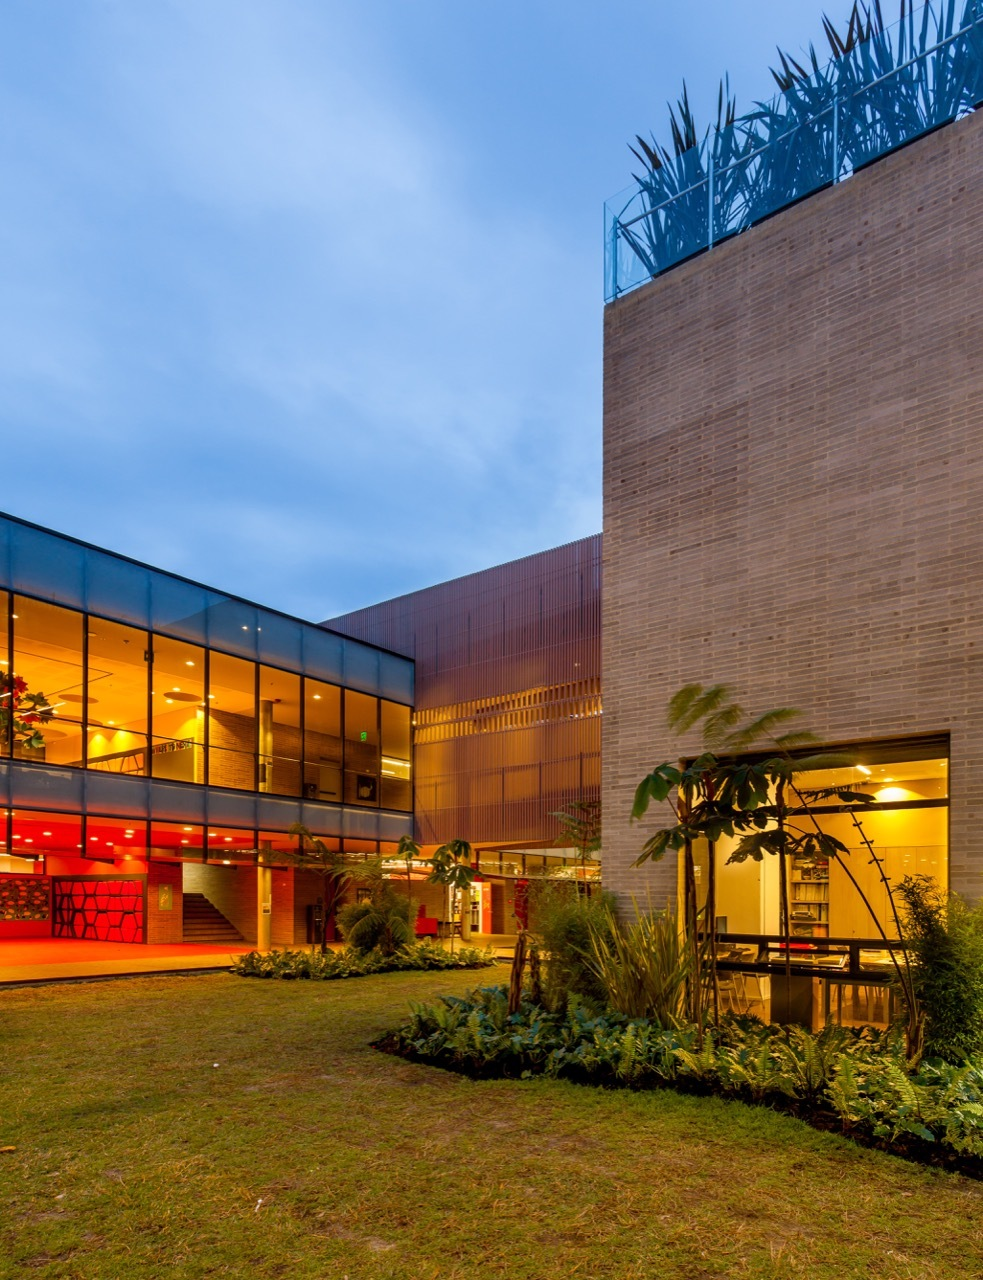 Galeria de edif cio primaria do col gio anglo colombiano for Arquitectos colombianos